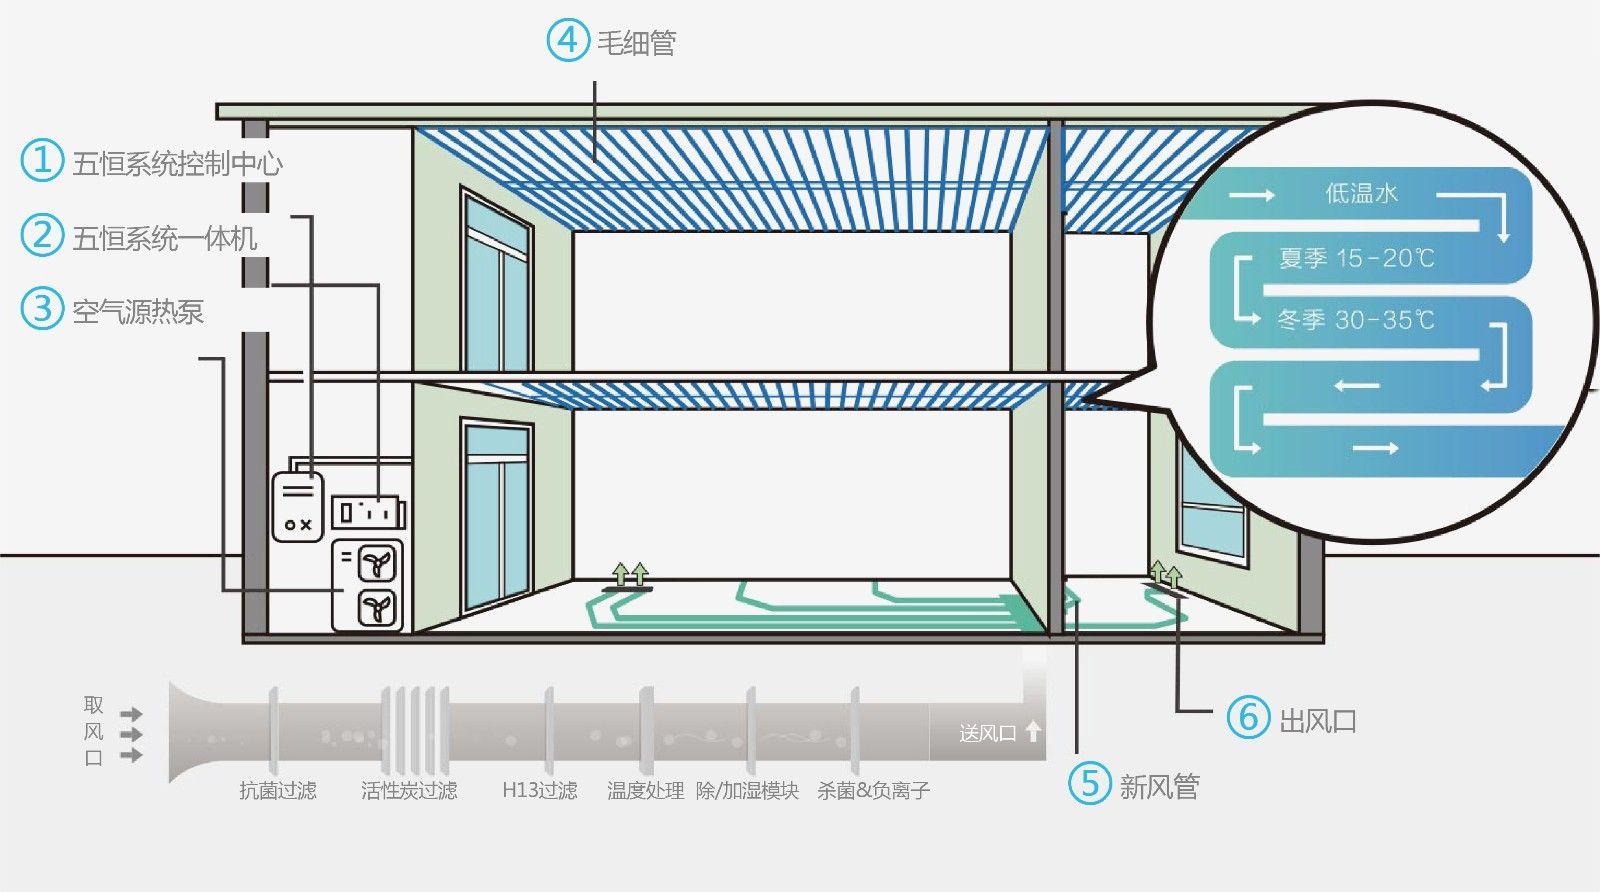 产品中心-系统-五恒系统详情页-03.jpg